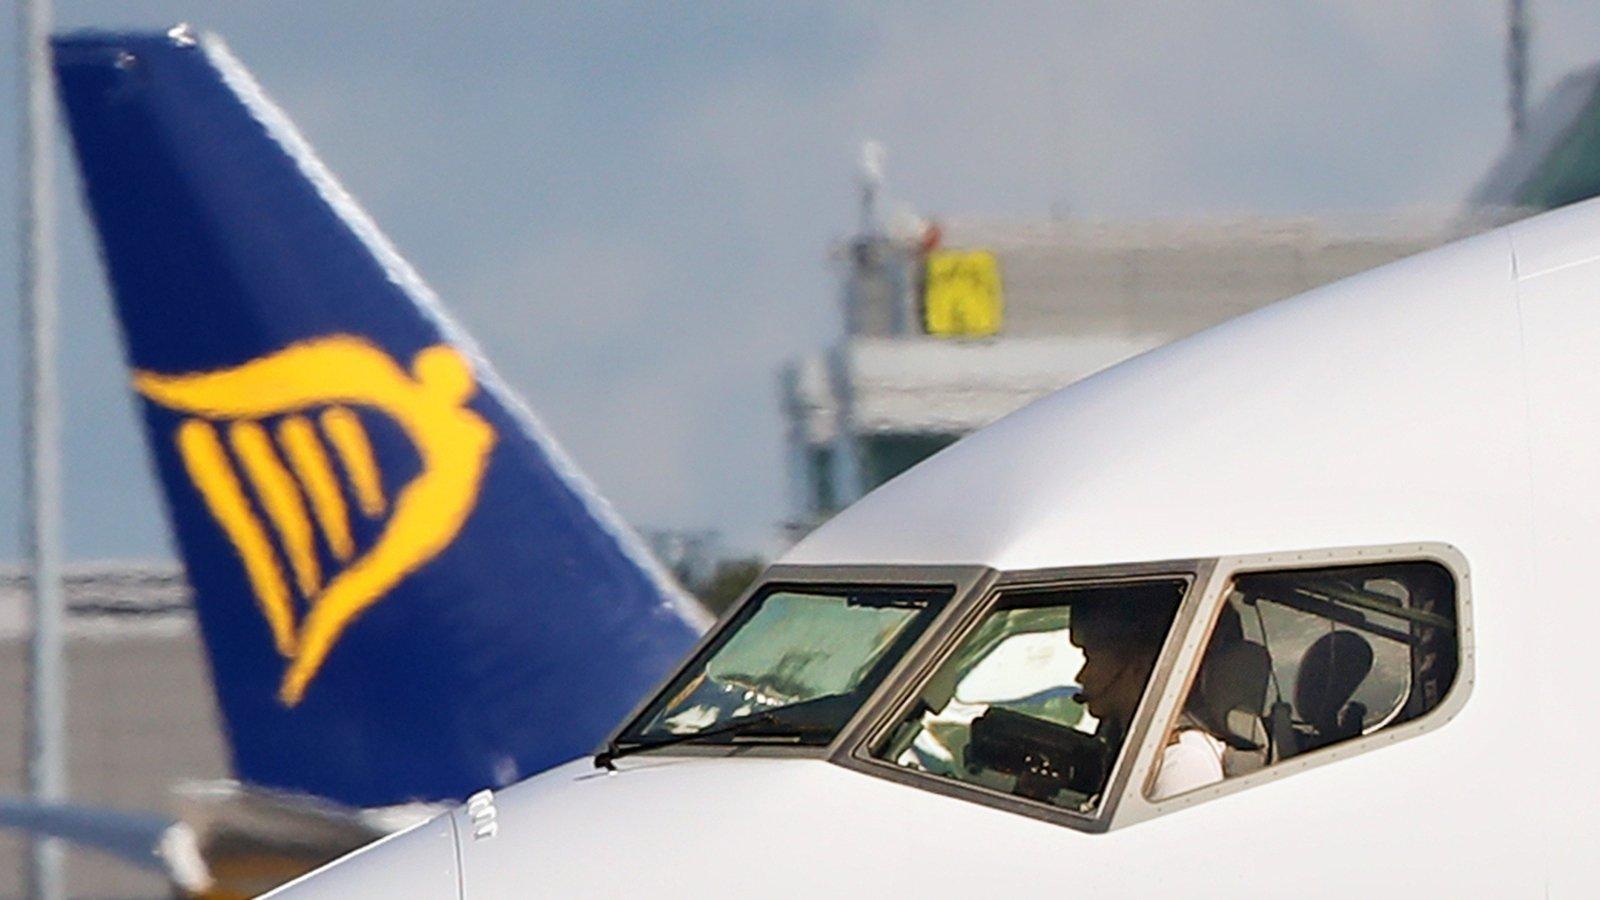 Resultado de imagen para Ryanair reports CO2 emissions